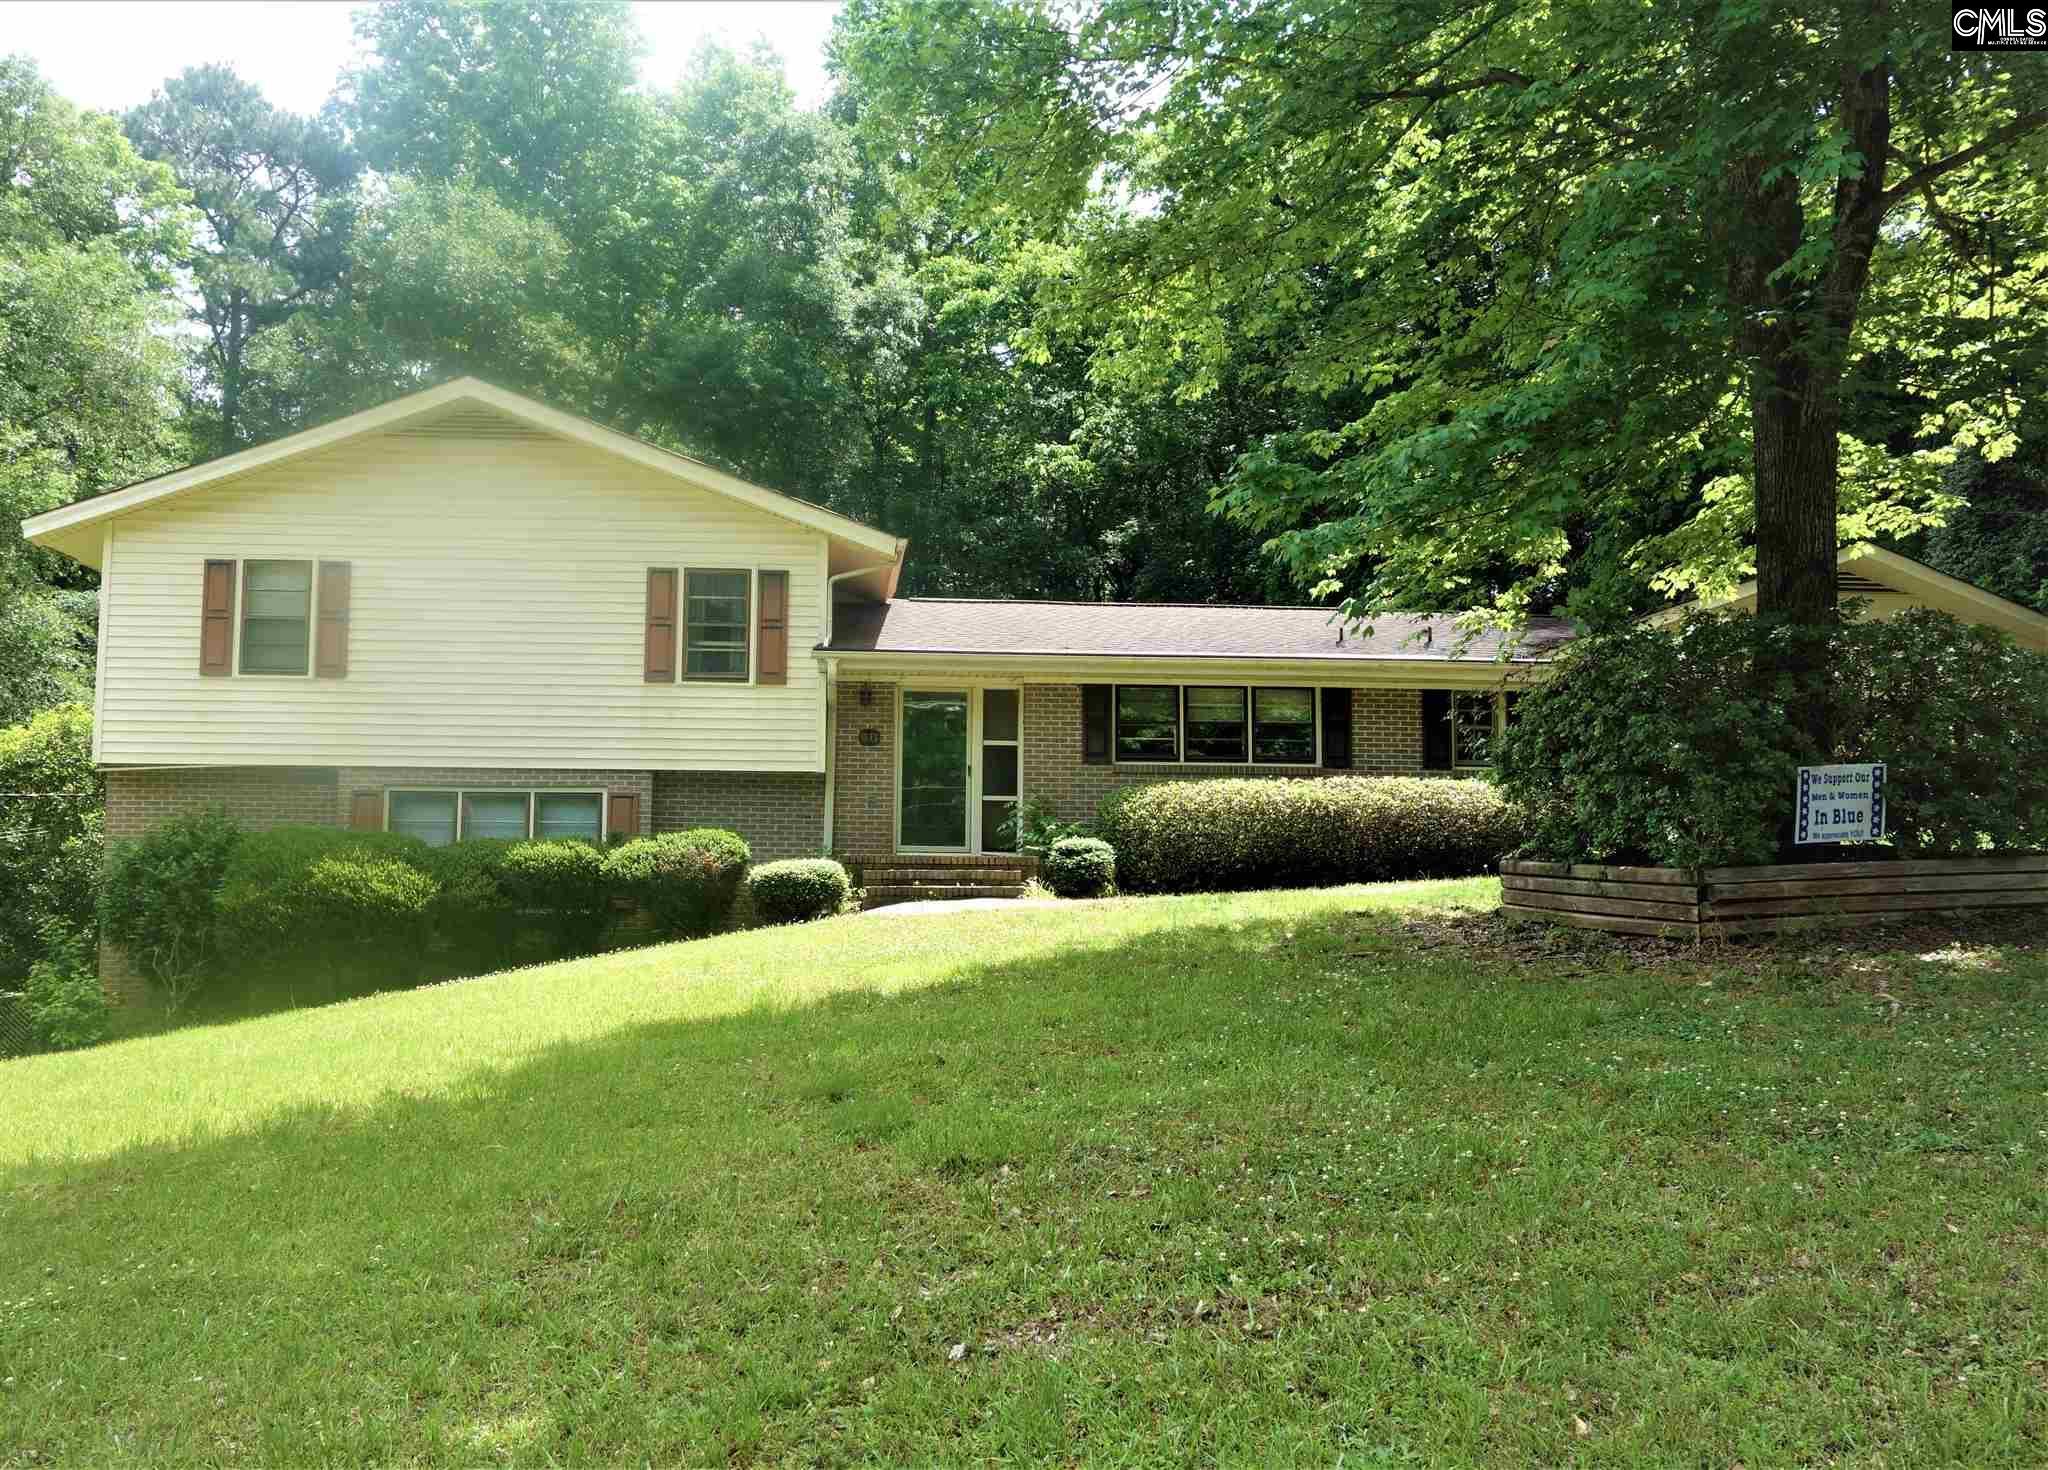 311 N Zion Winnsboro, SC 29180